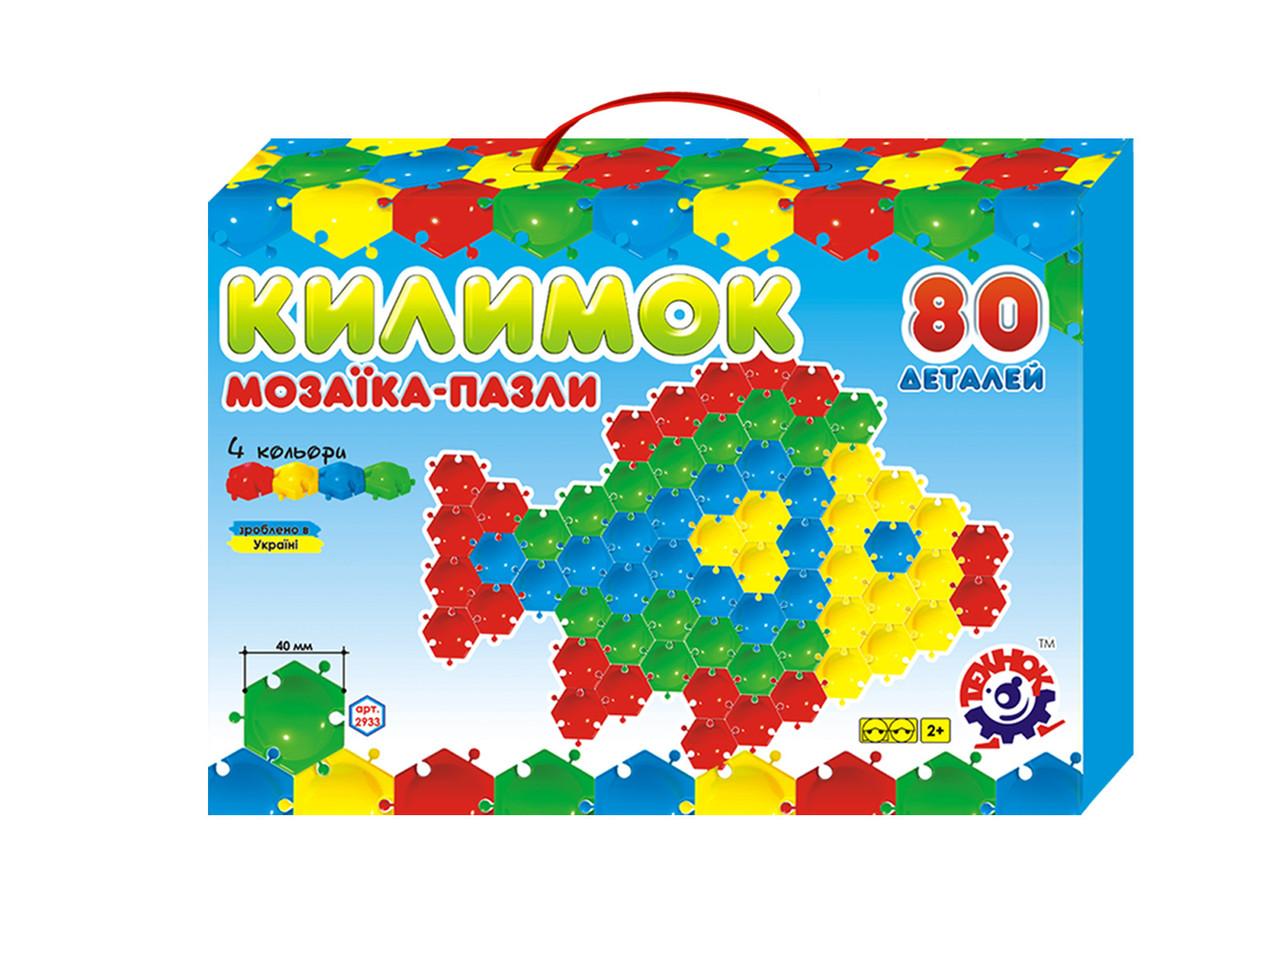 Детская игра Мозаика-пазлы Коврик 80 деталей пластик Технок - Style-Baby детский магазин в Киеве